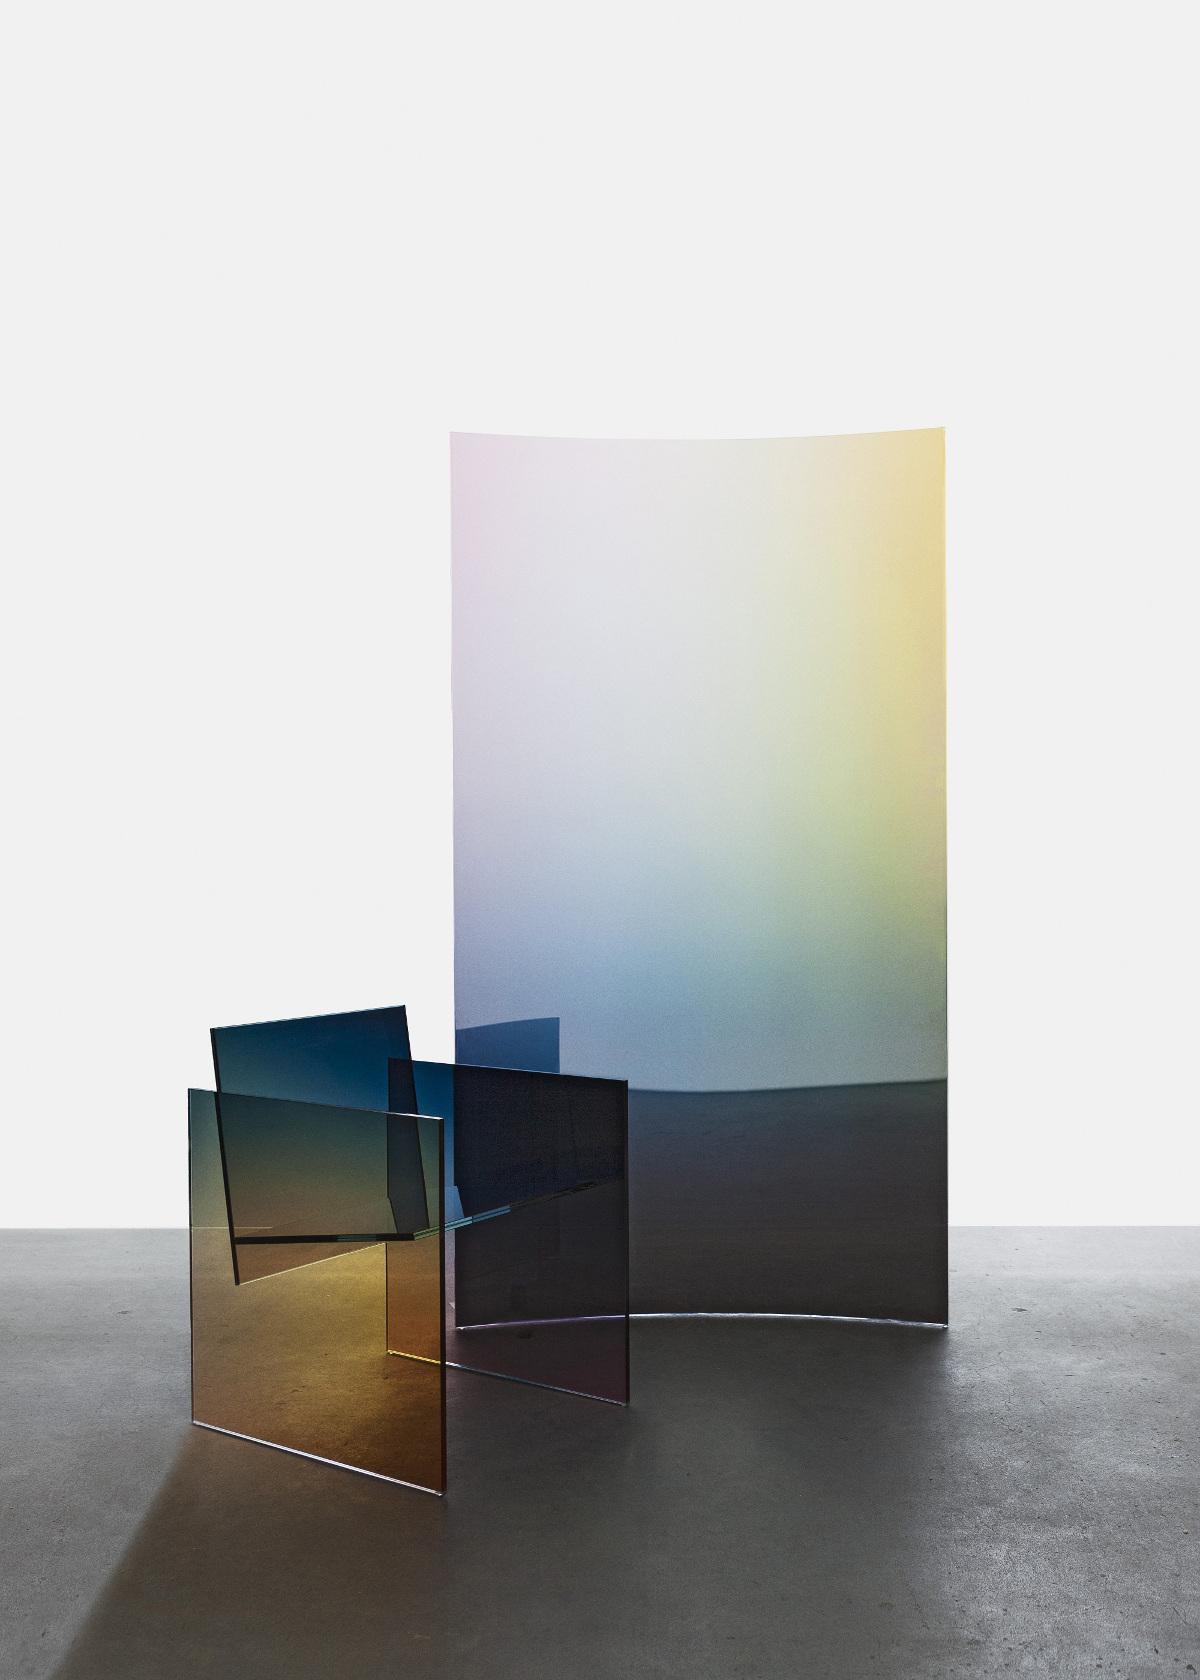 Ombré Glass Chair & Horizon Screens